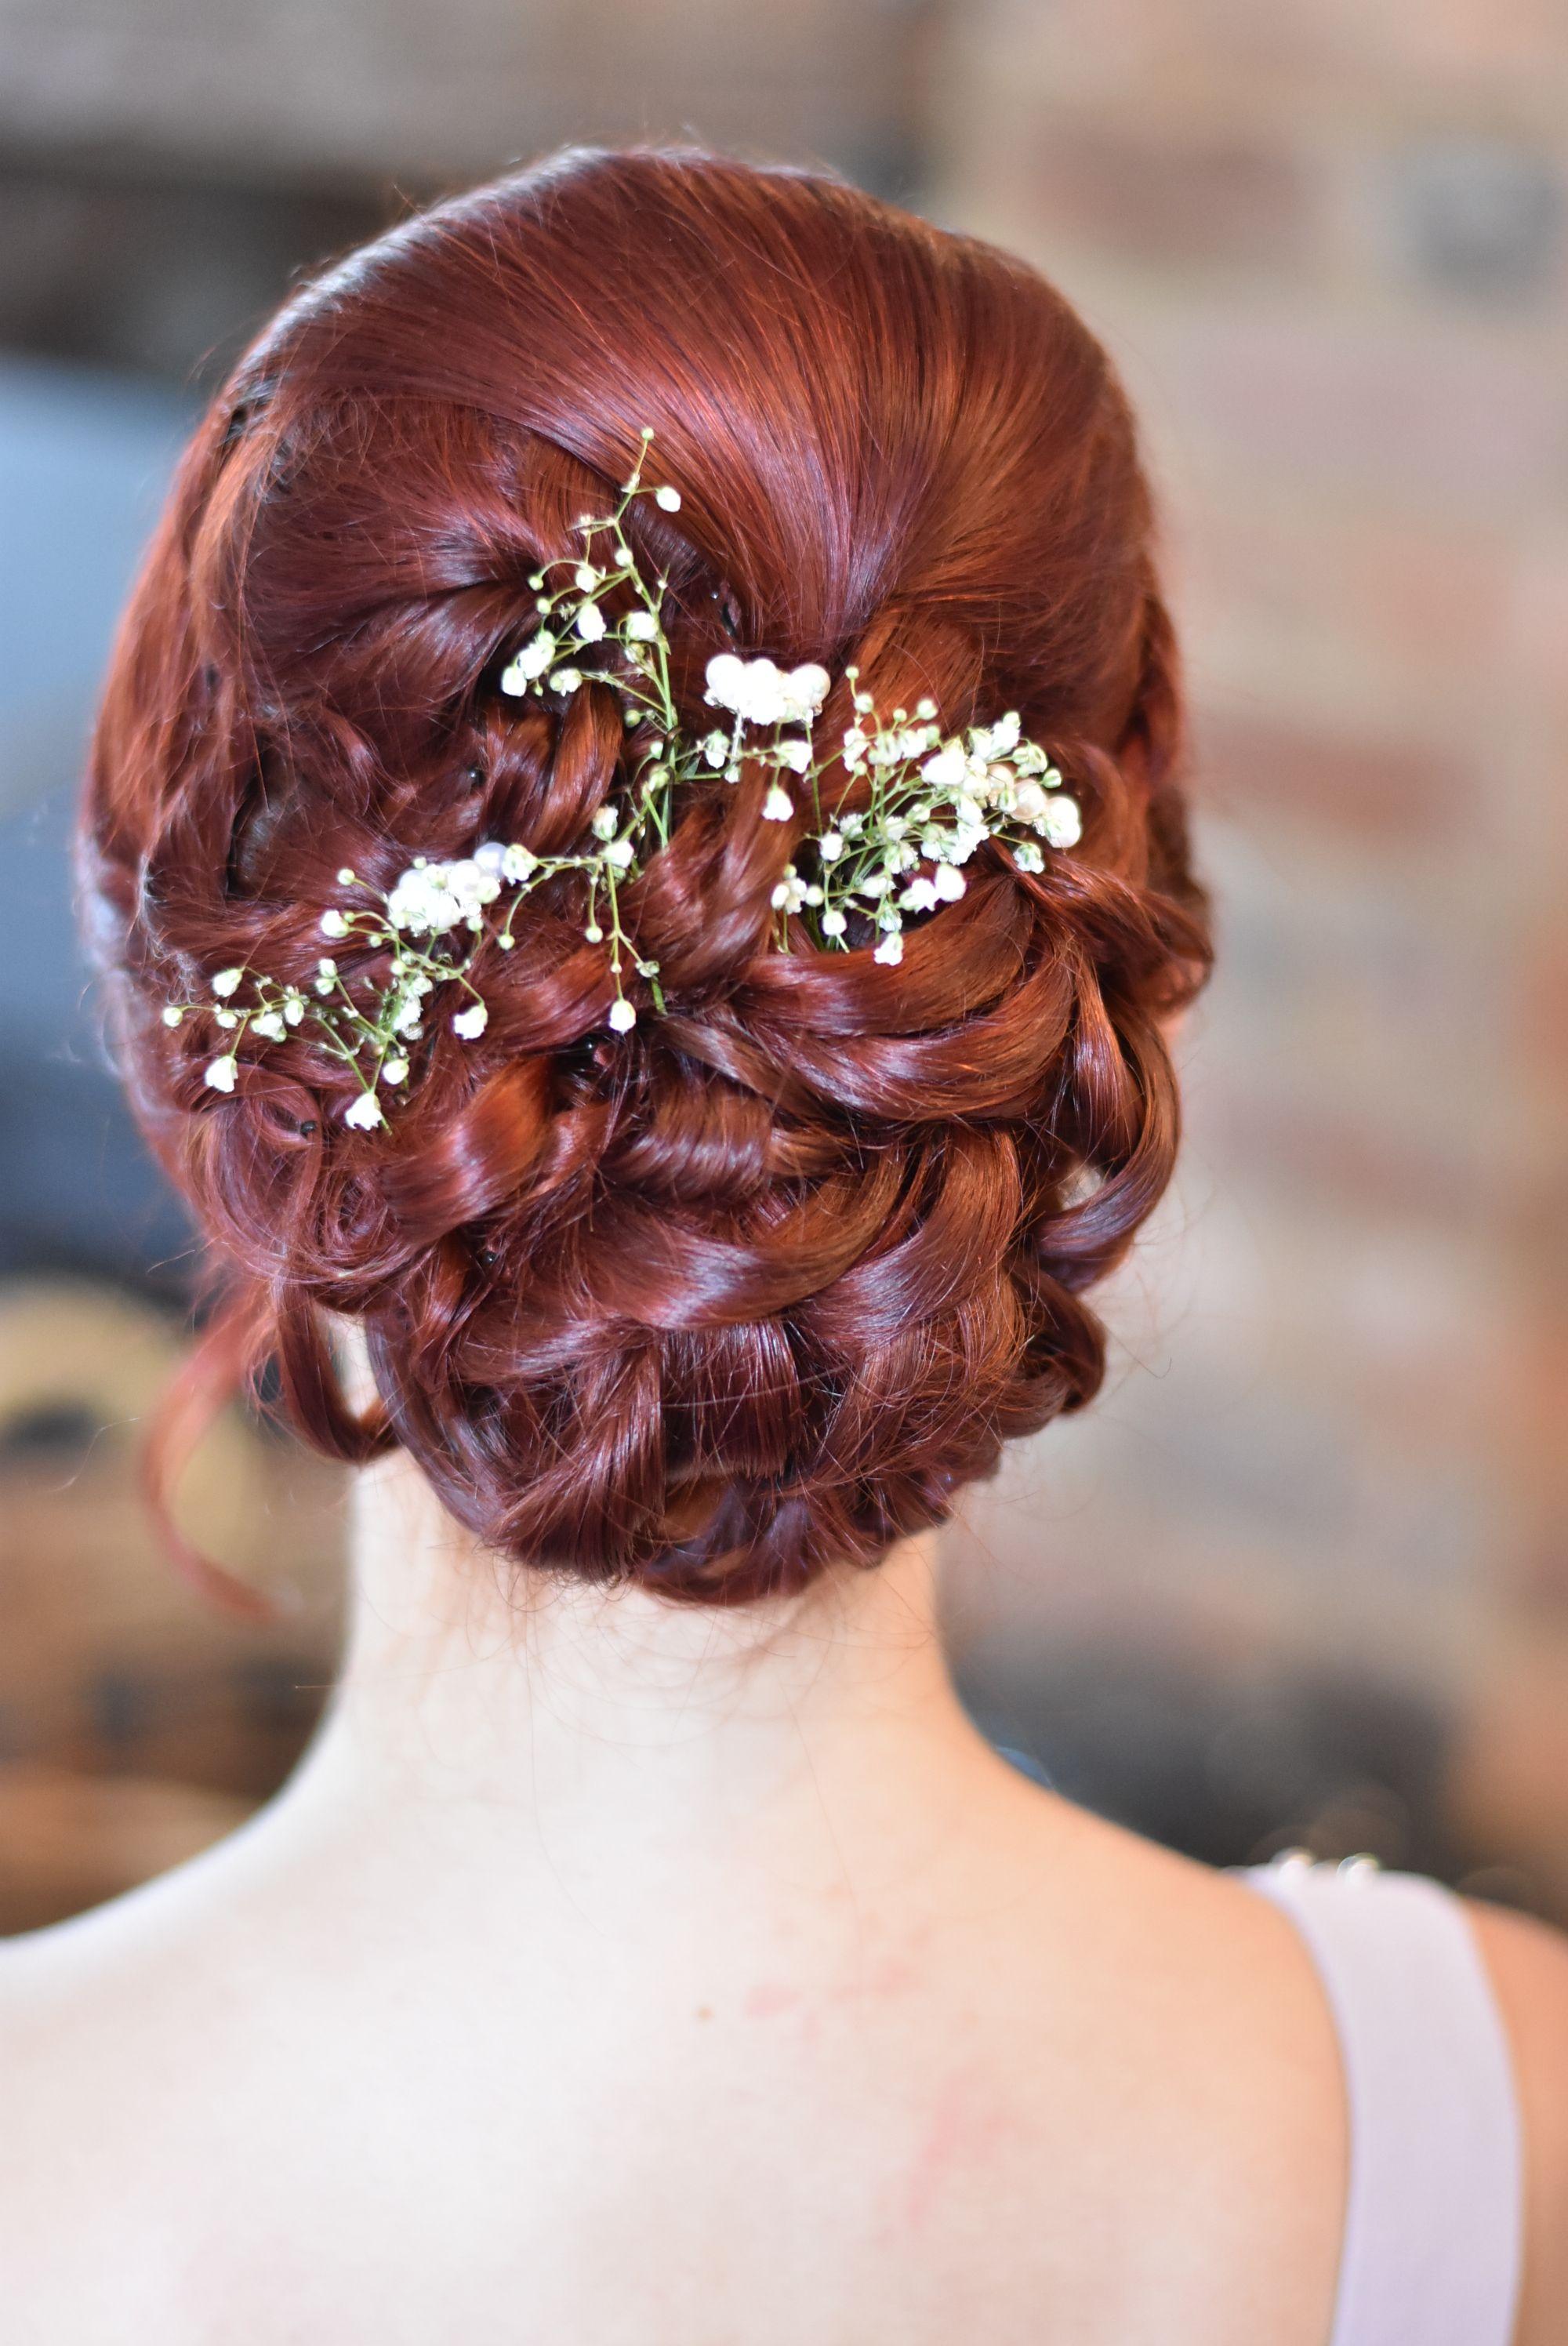 Elegant Hair Bridal Hair And Makeup Wedding Hairstyles Elegant Hairstyles